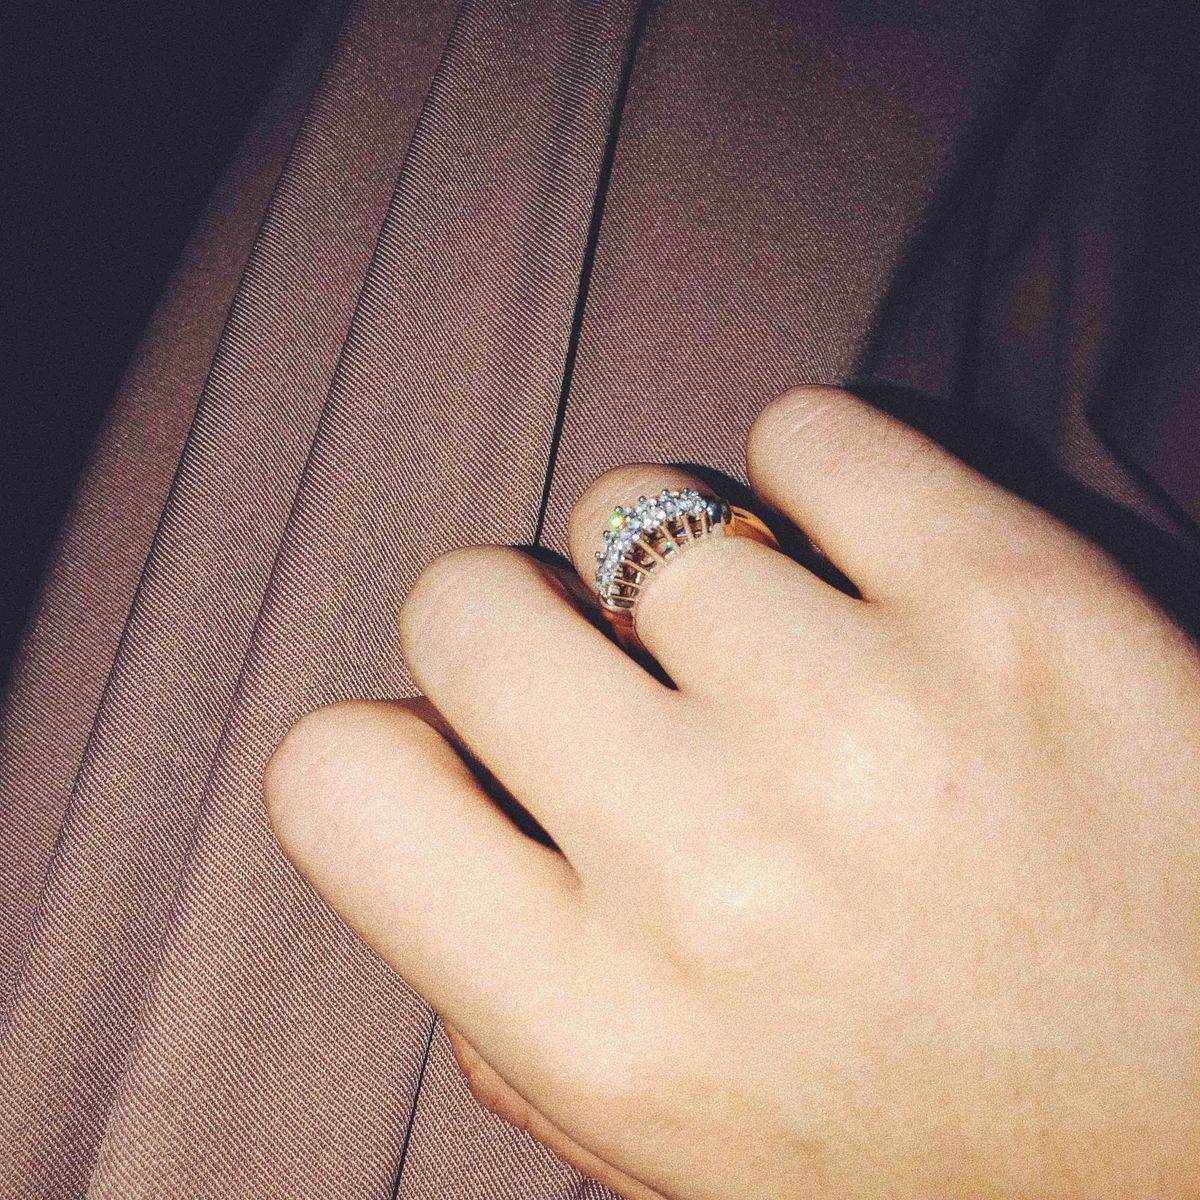 Отличное королевское золотое кольцо, смотрится очень богато и красиво